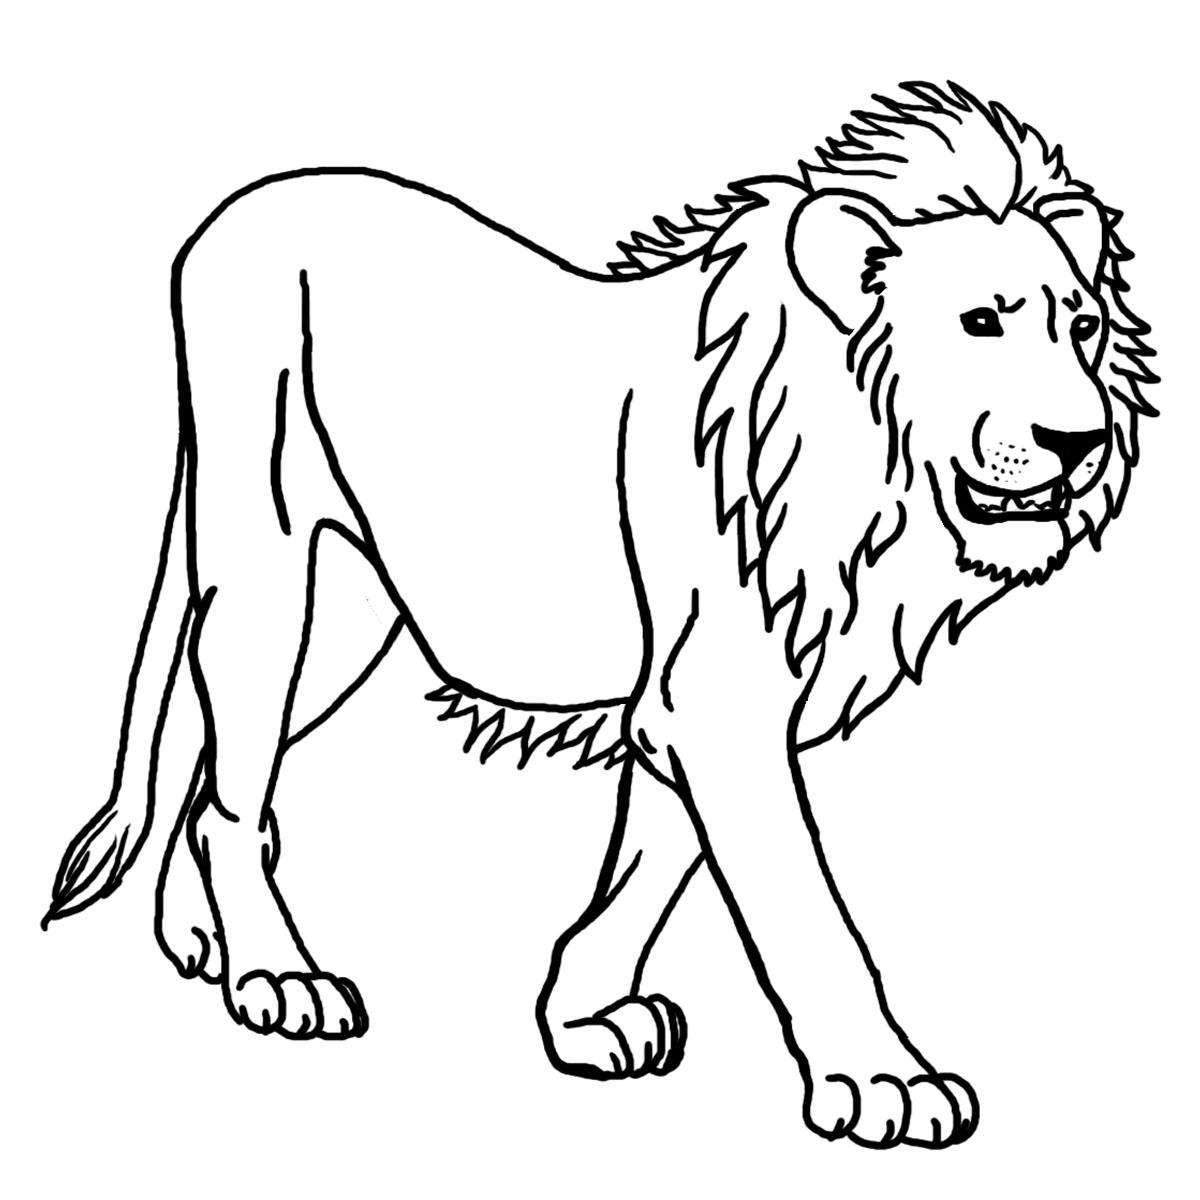 Tranh tô màu con sư tử đang đi